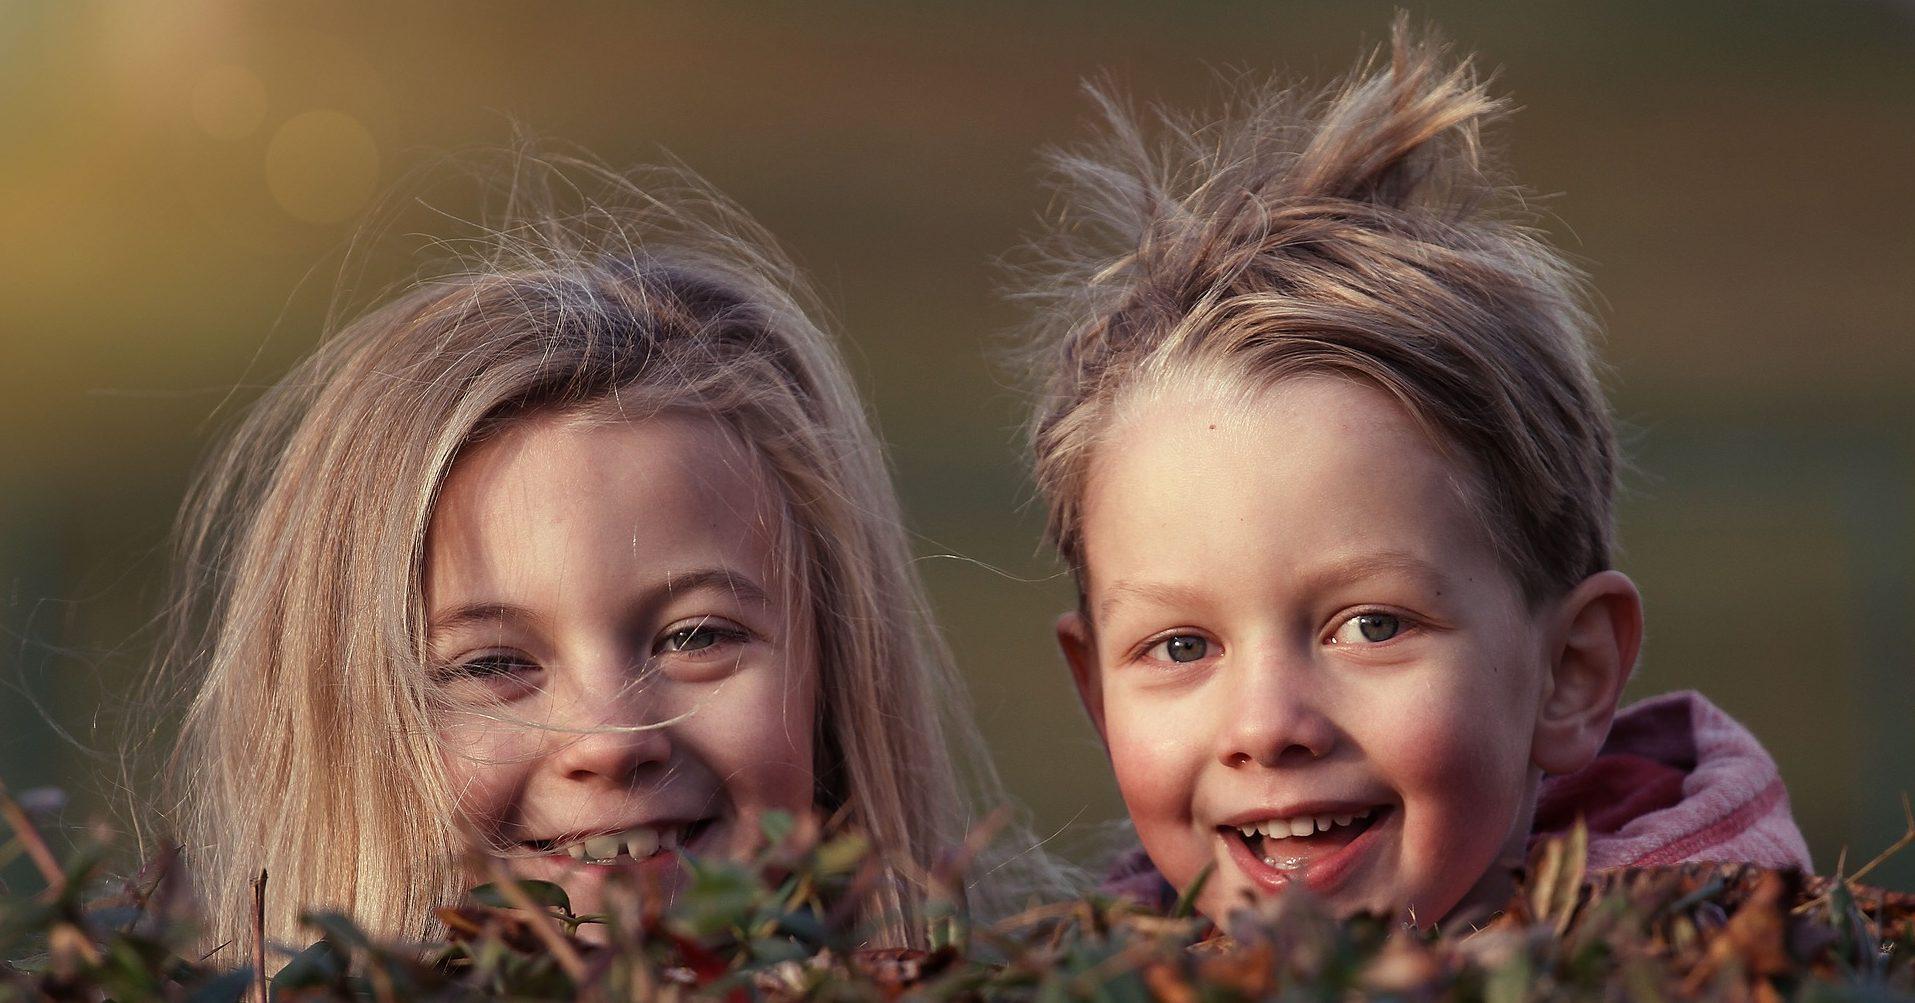 children-1879907_1920-e1521821769926